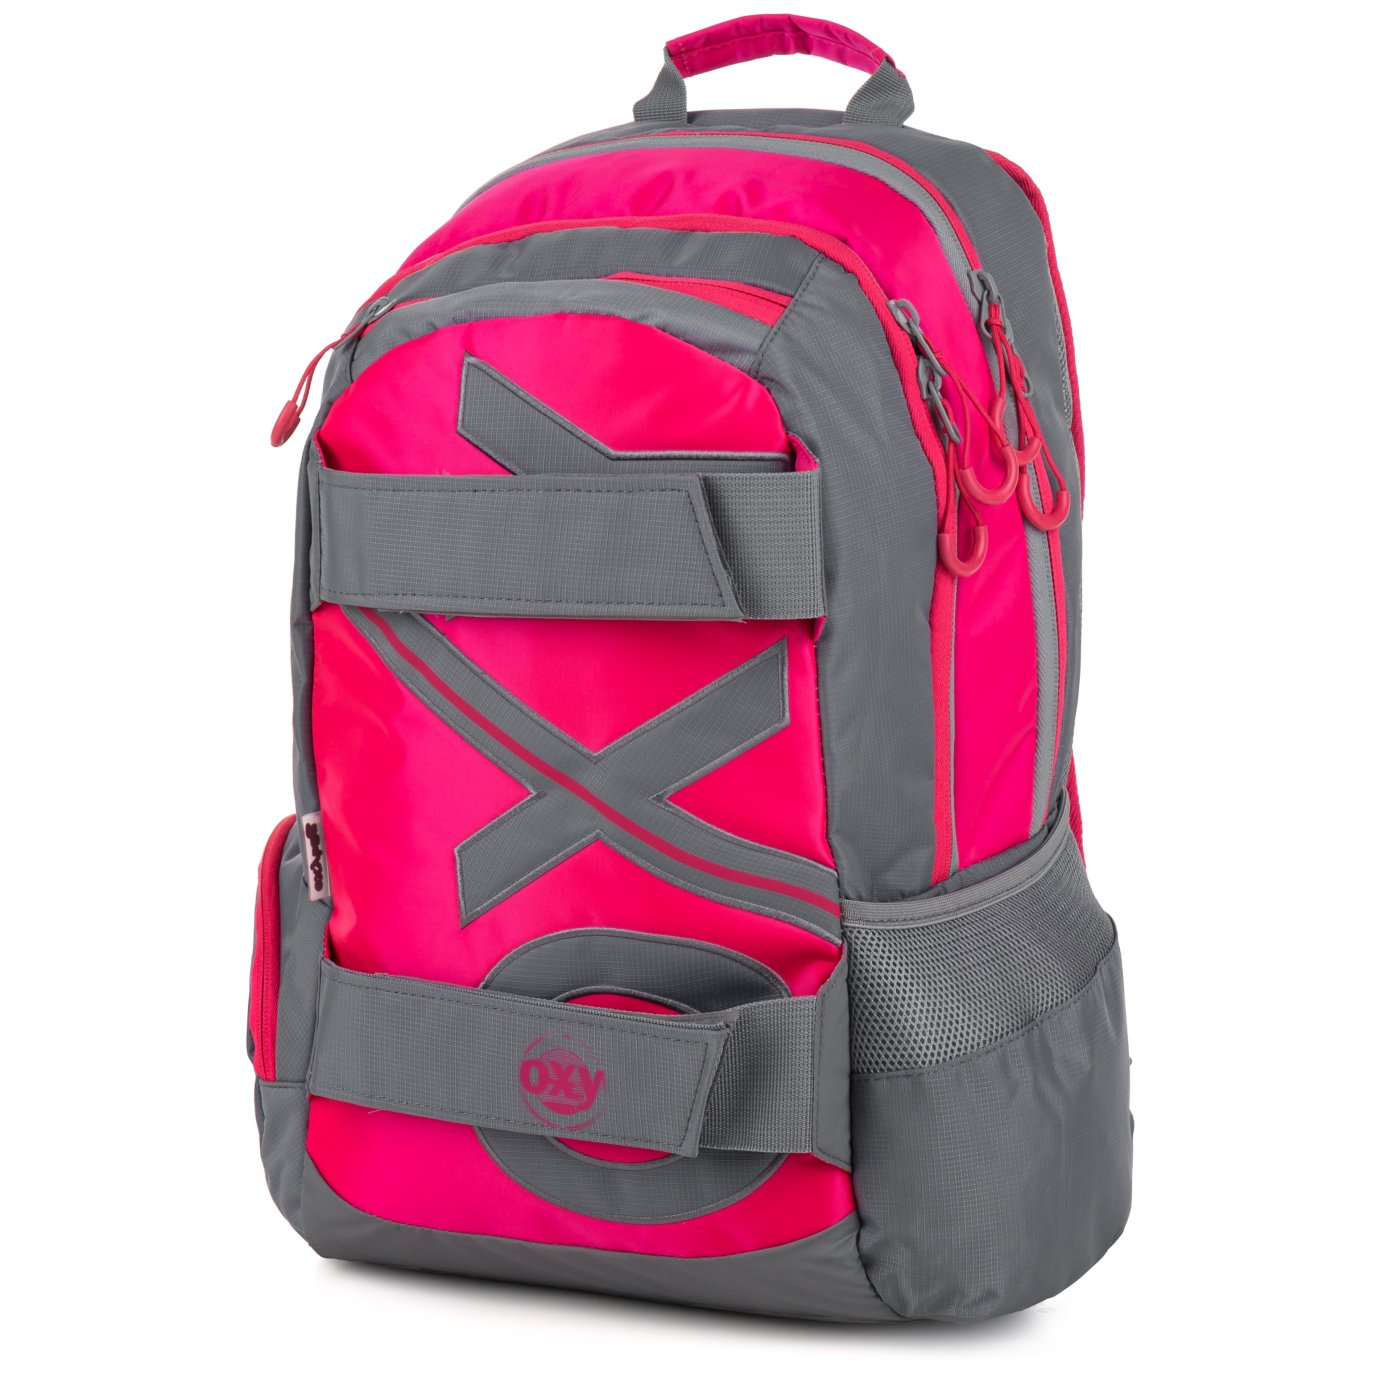 ... Školní potřeby · OXY STUDENTSKÉ BATOHY A DOPLŇKY · OXY SPORT ·  Studentský batoh OXY Sport NEON LINE Pink Bez licence · Image 218e44ad63